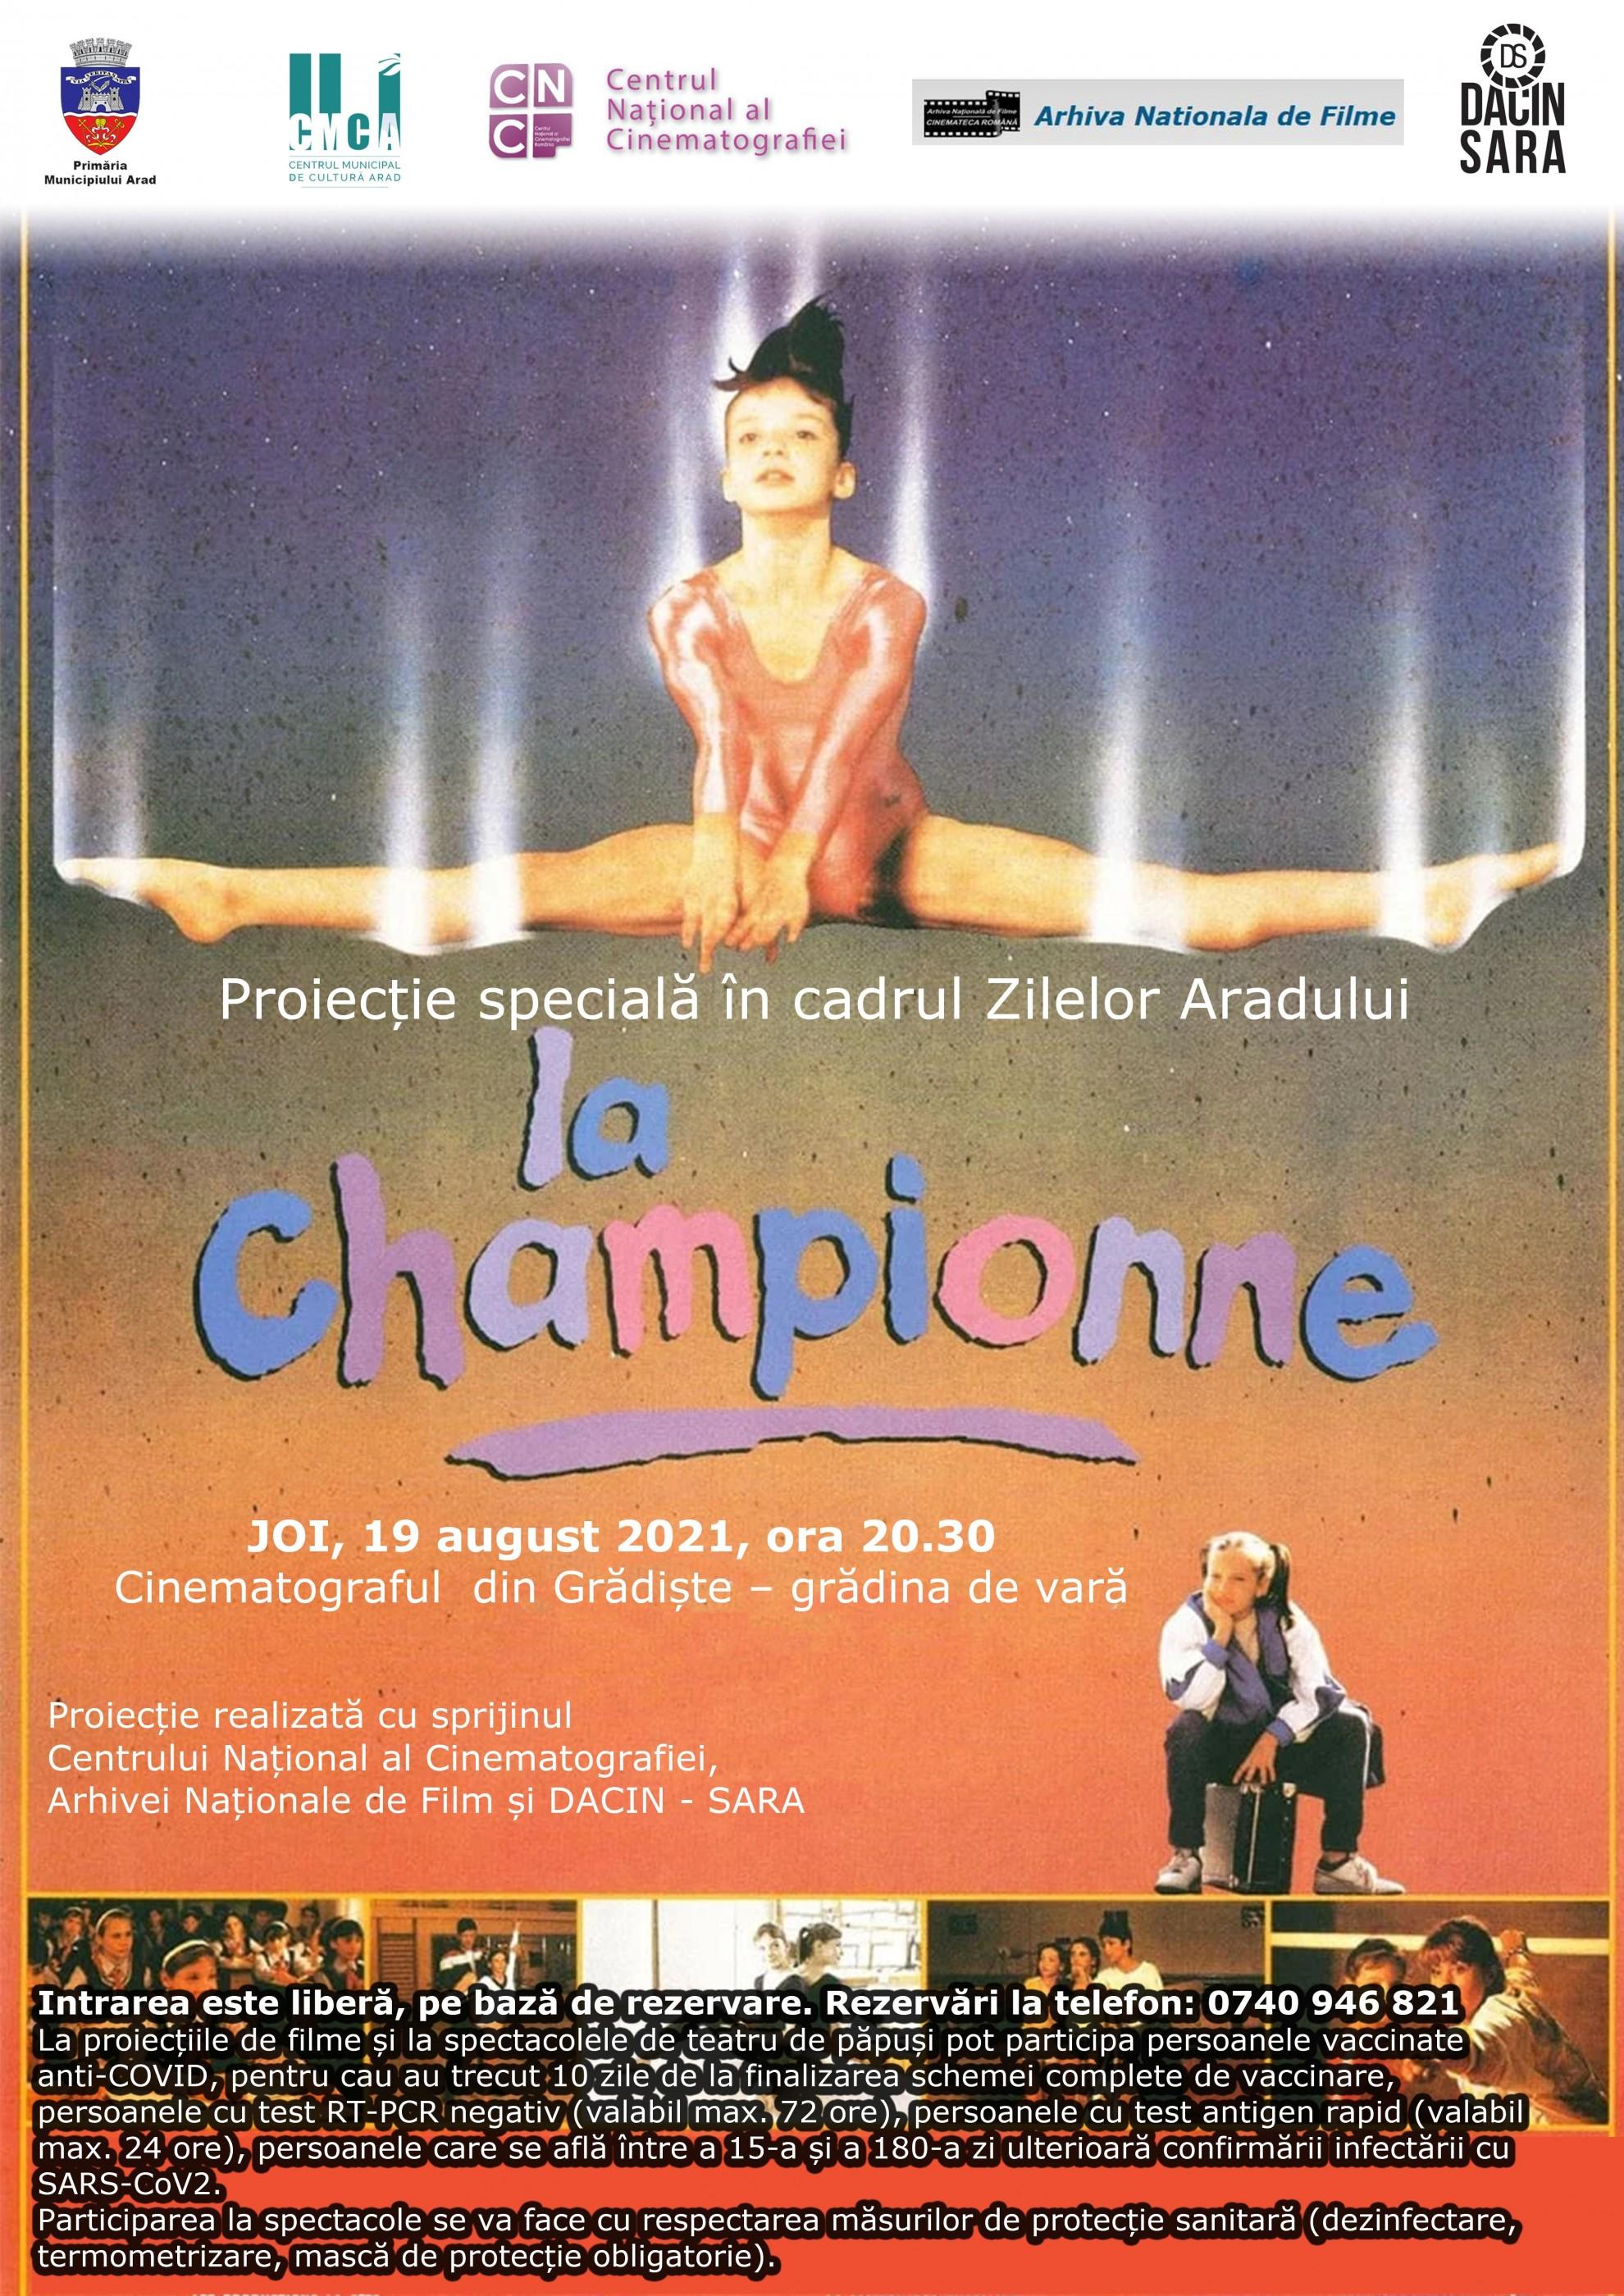 """Filmul """"Campioana"""" – proiecție specială cu ocazia Zilelor Aradului, în grădina de vară de la cinematograful din Grădiște"""